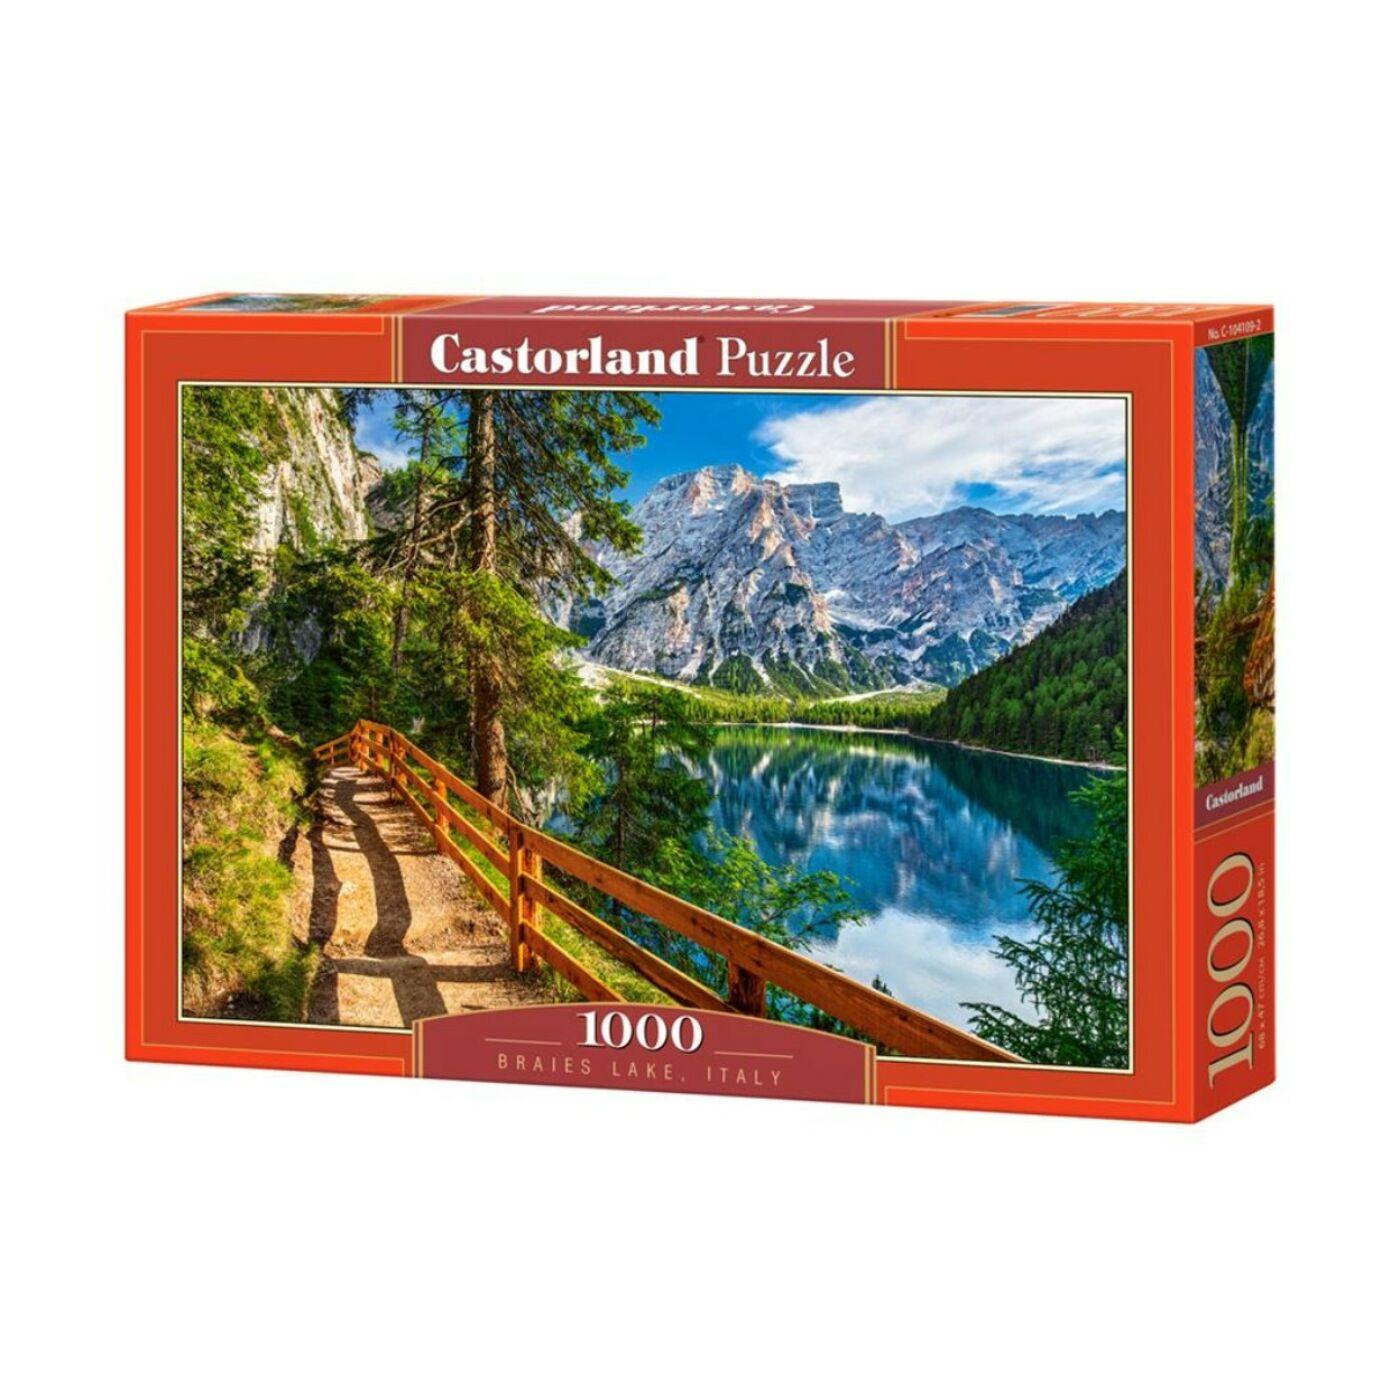 1000 db-os Castorland Puzzle - Braies tó, Olaszország